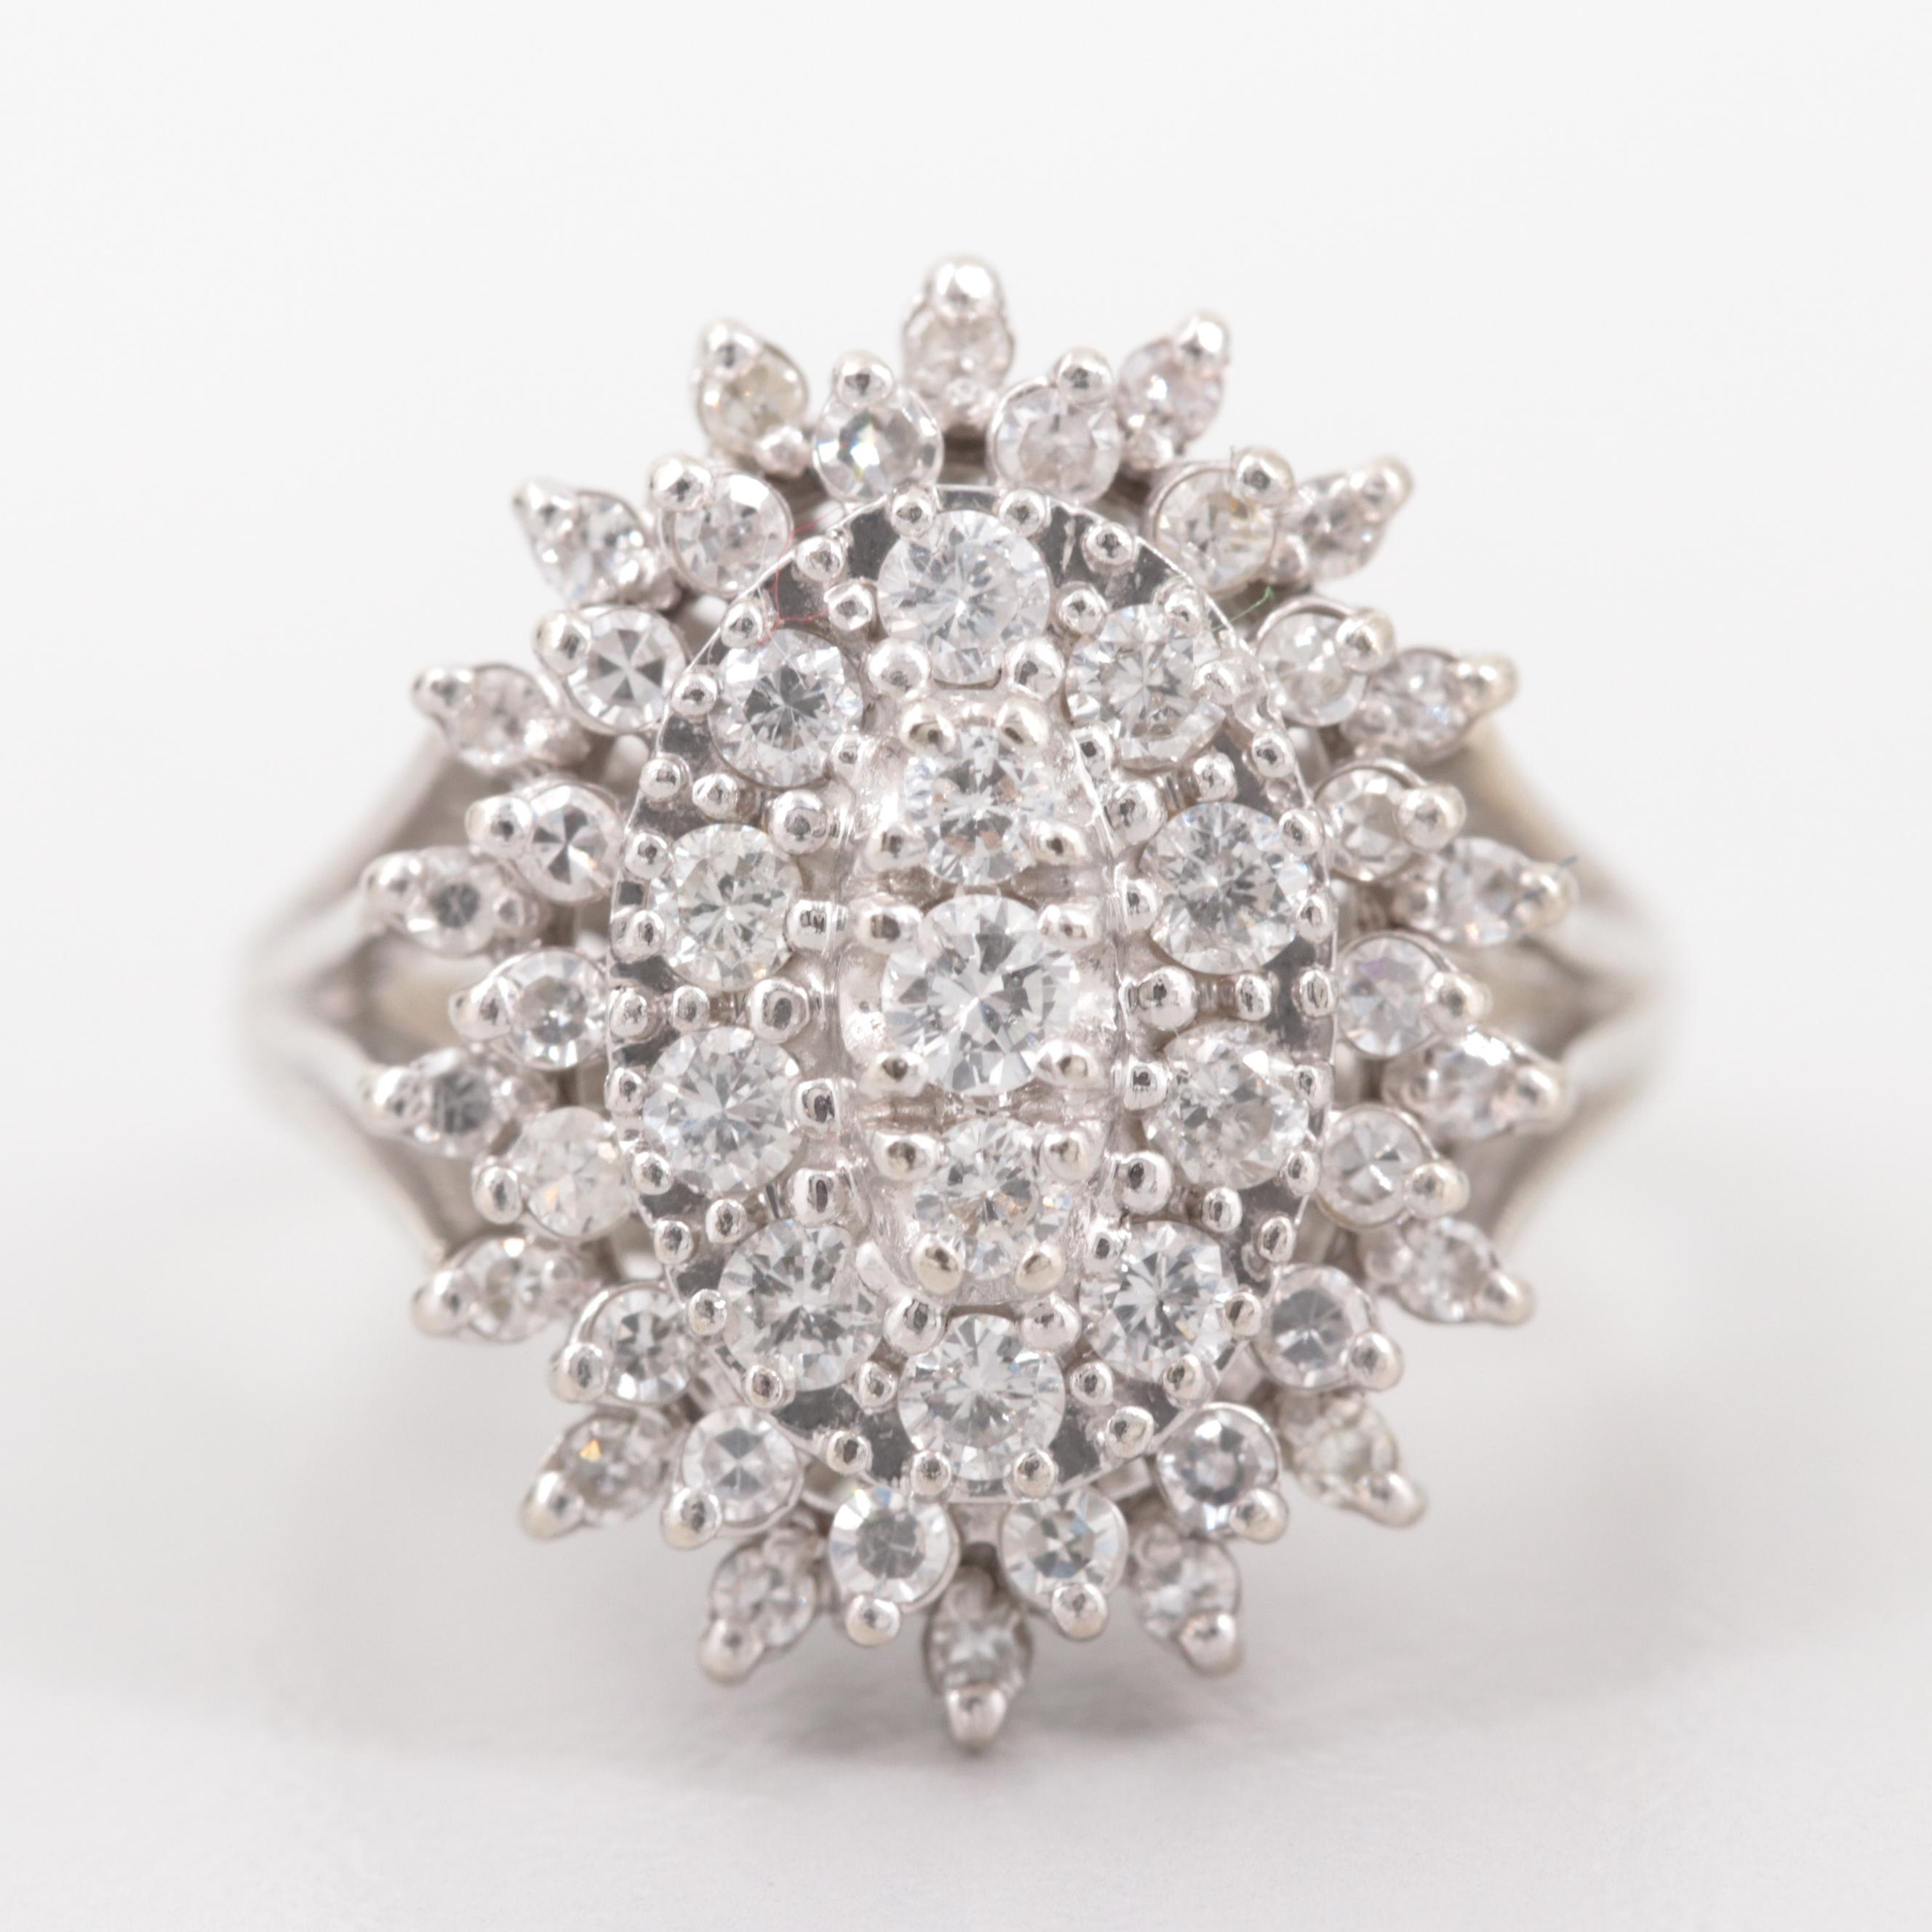 14K White Gold 1.21 CTW Diamond Cluster Ring